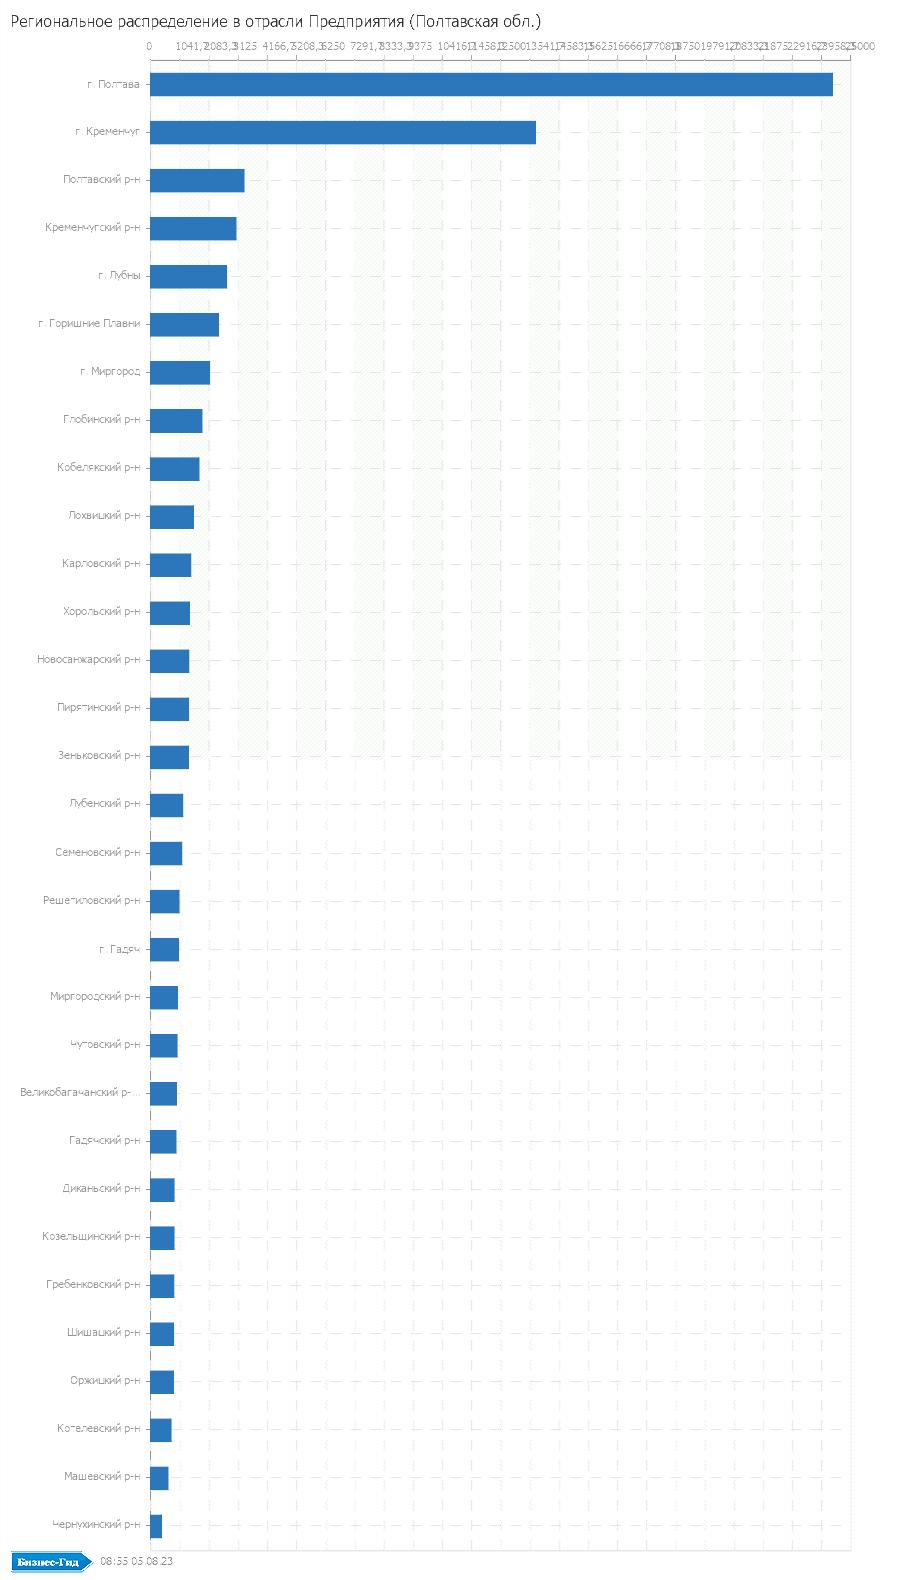 Региональное распределение в отрасли: Предприятия (Полтавская обл.)